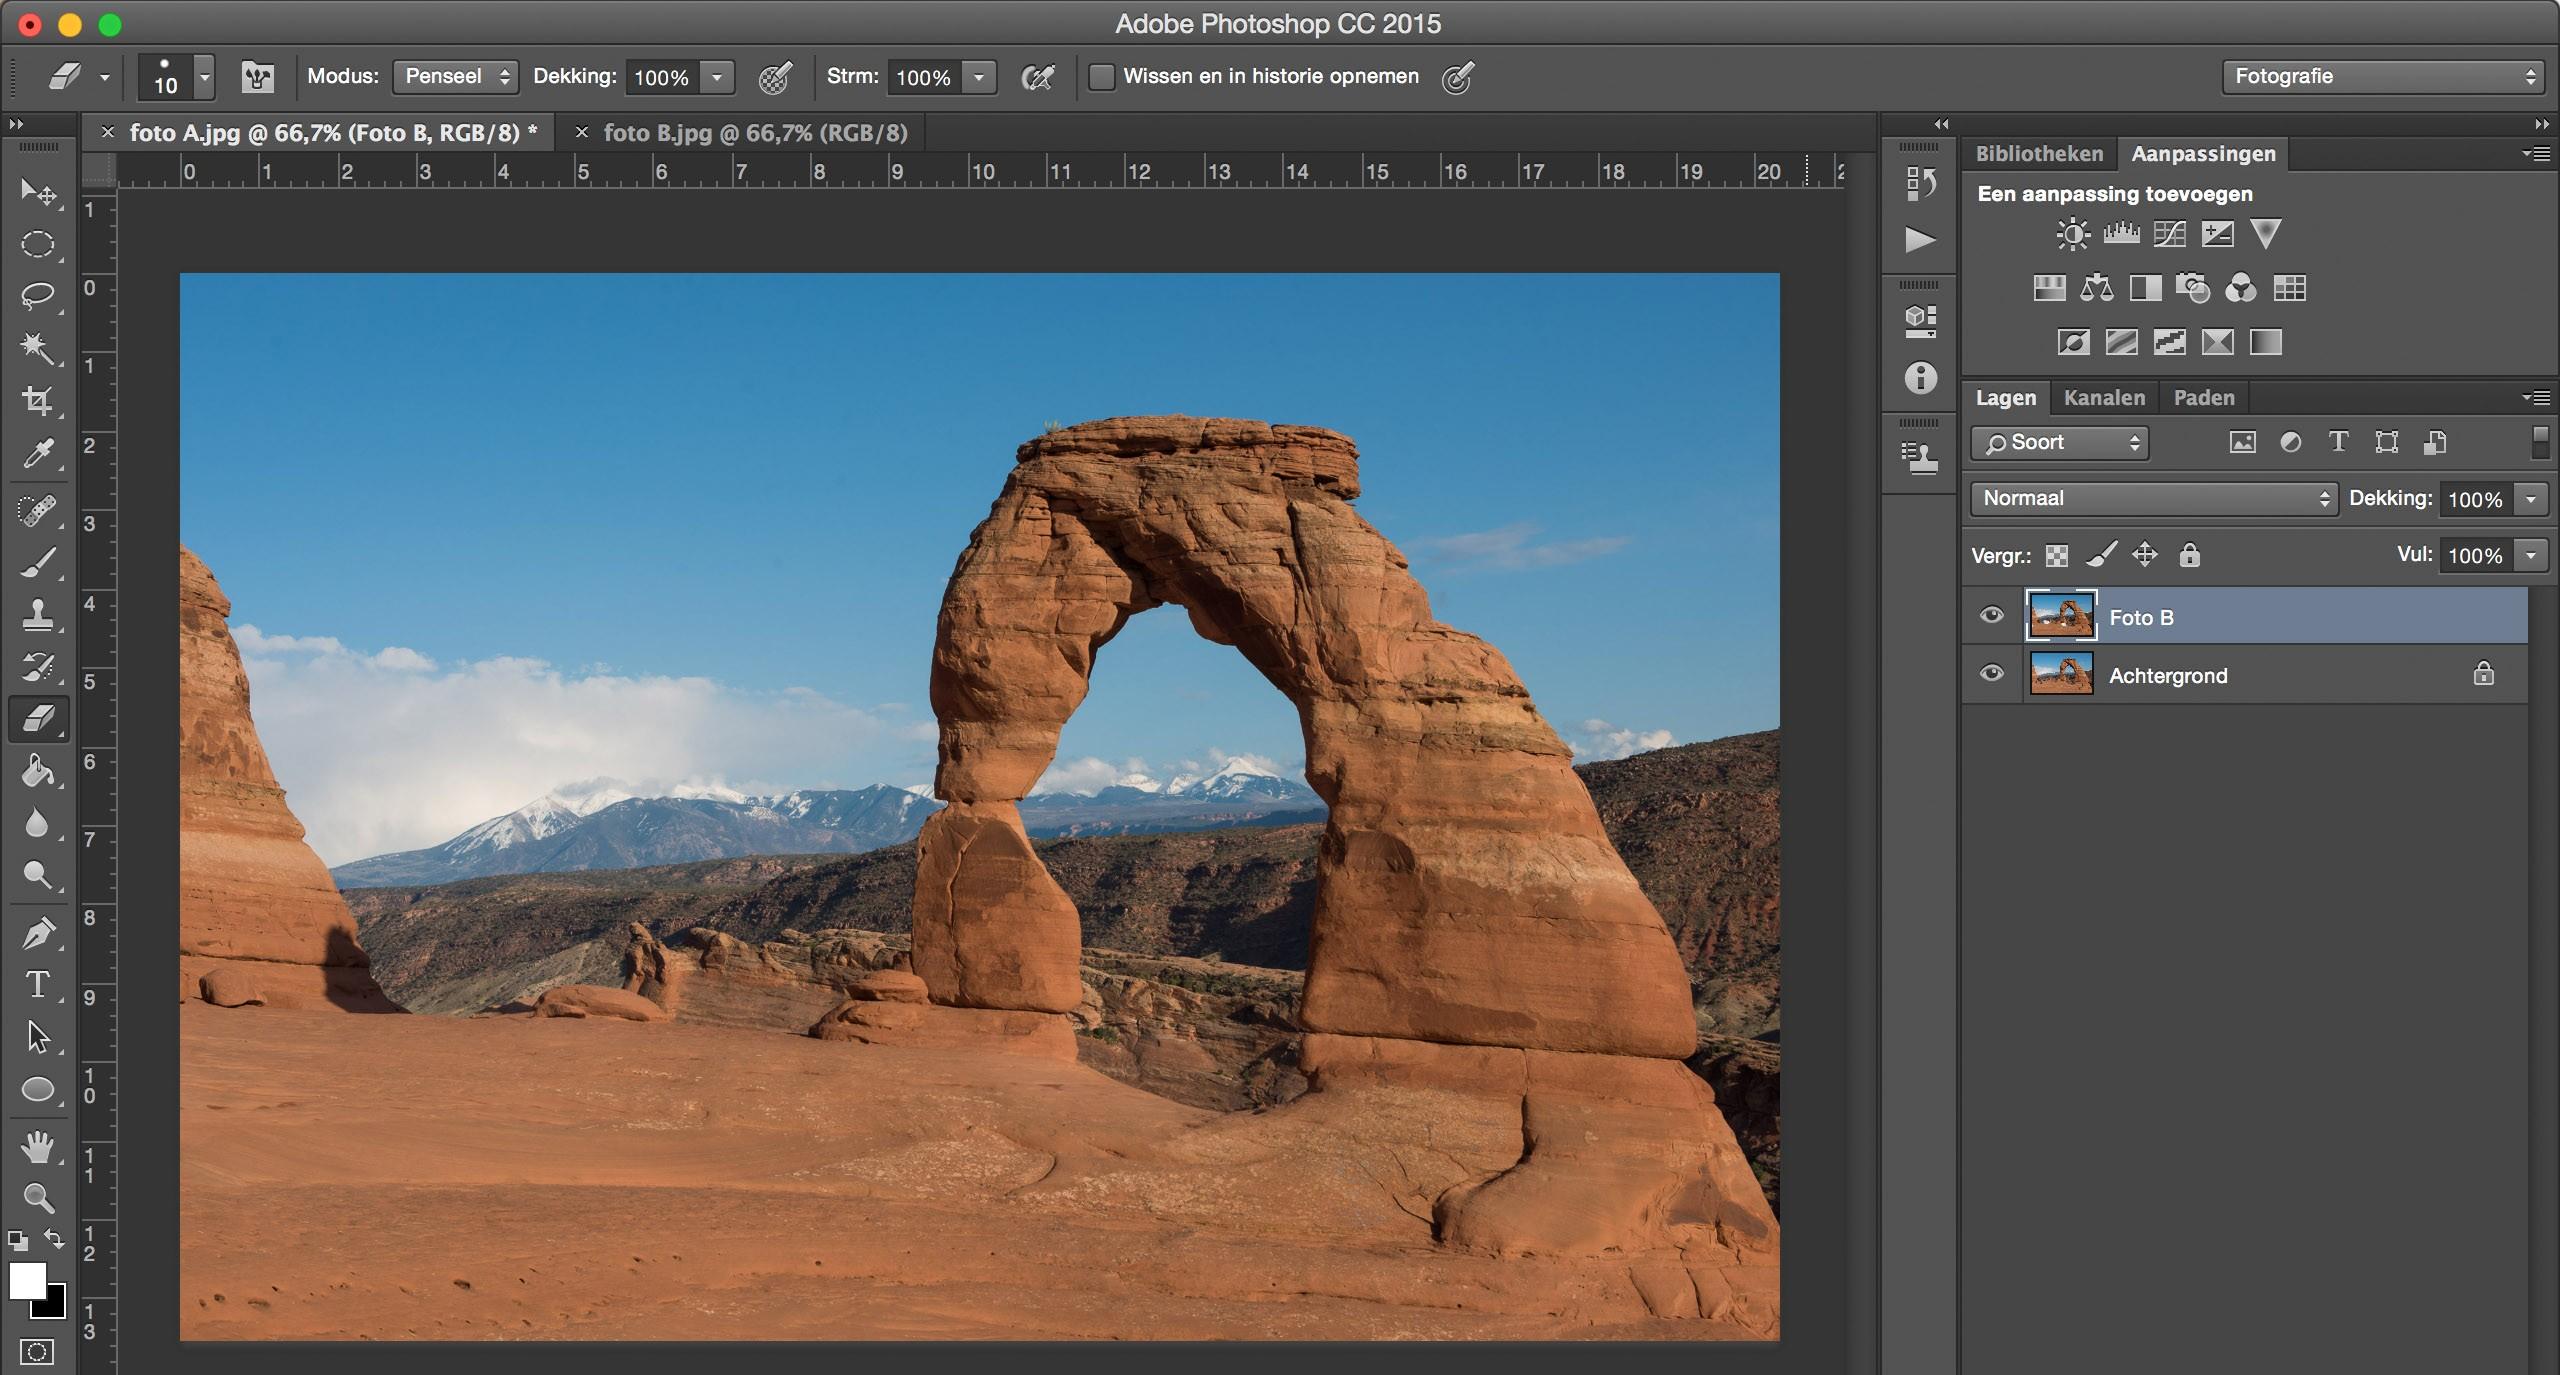 Werken Met Lagen In Photoshop En Zo Toeristen Weggumt